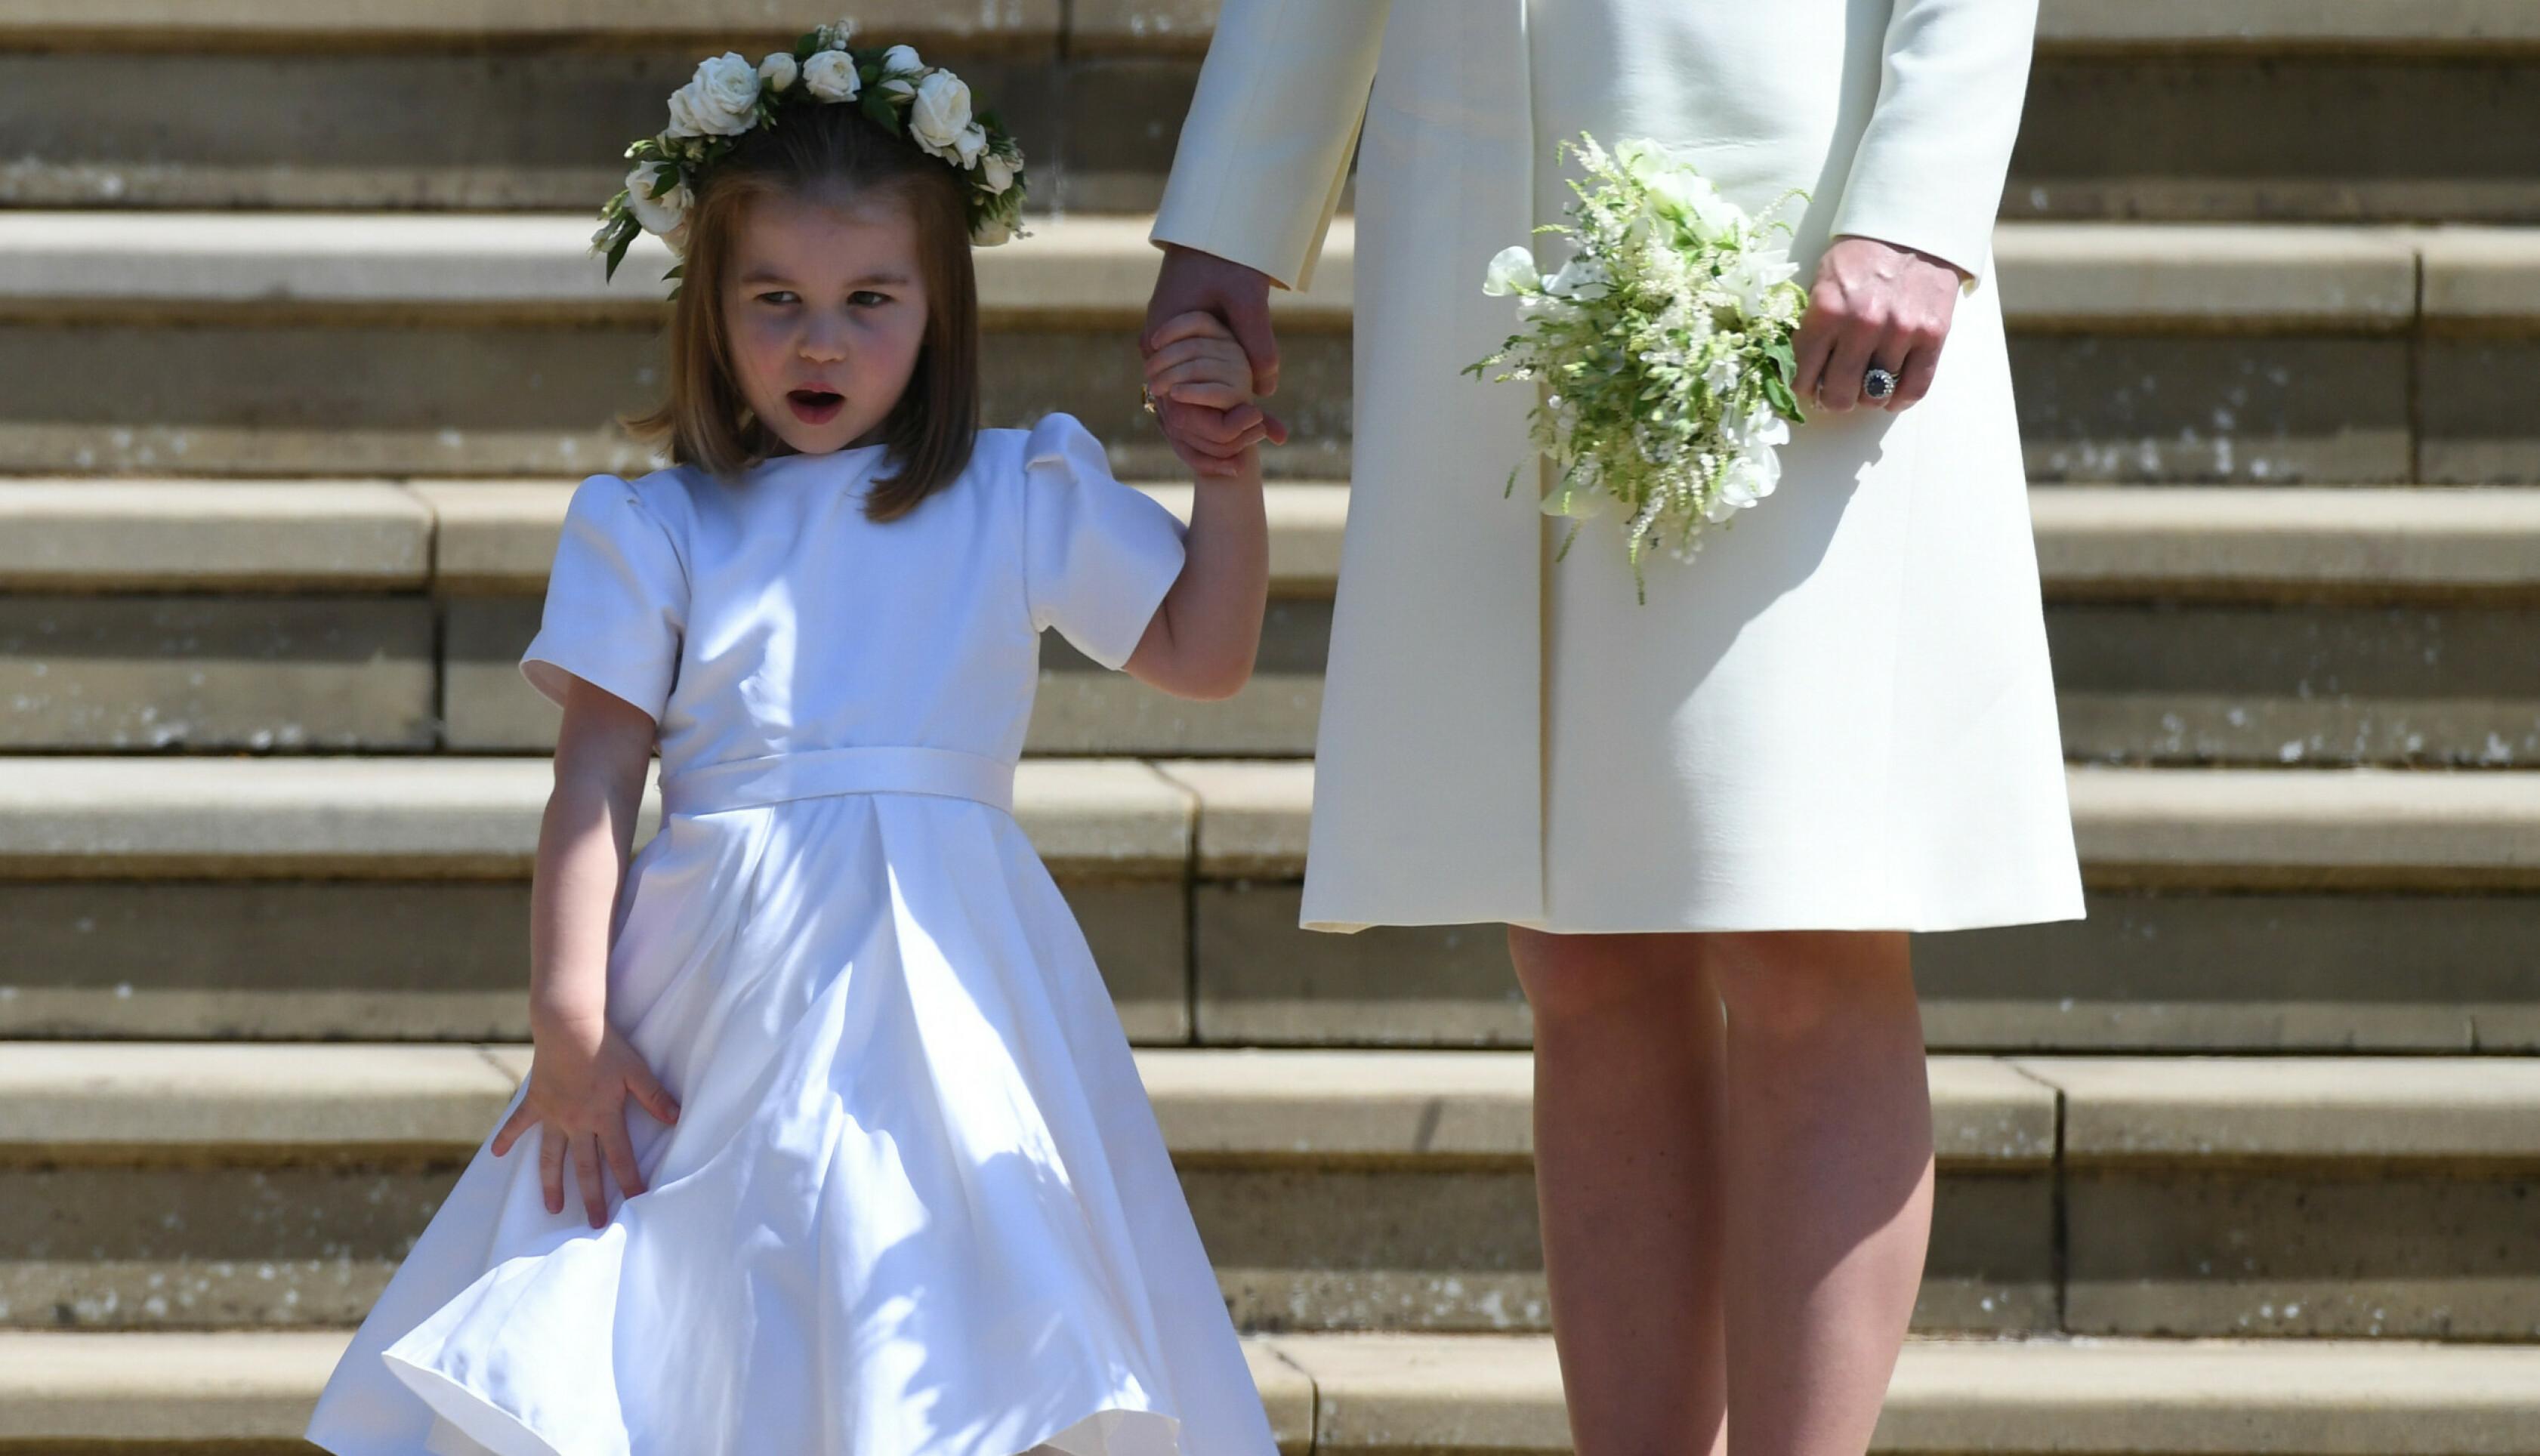 PRINSESSE: Lady Diana er èn av prinsesse Charlotte Elisabeth Dianas navnemødre. Foto: NTB